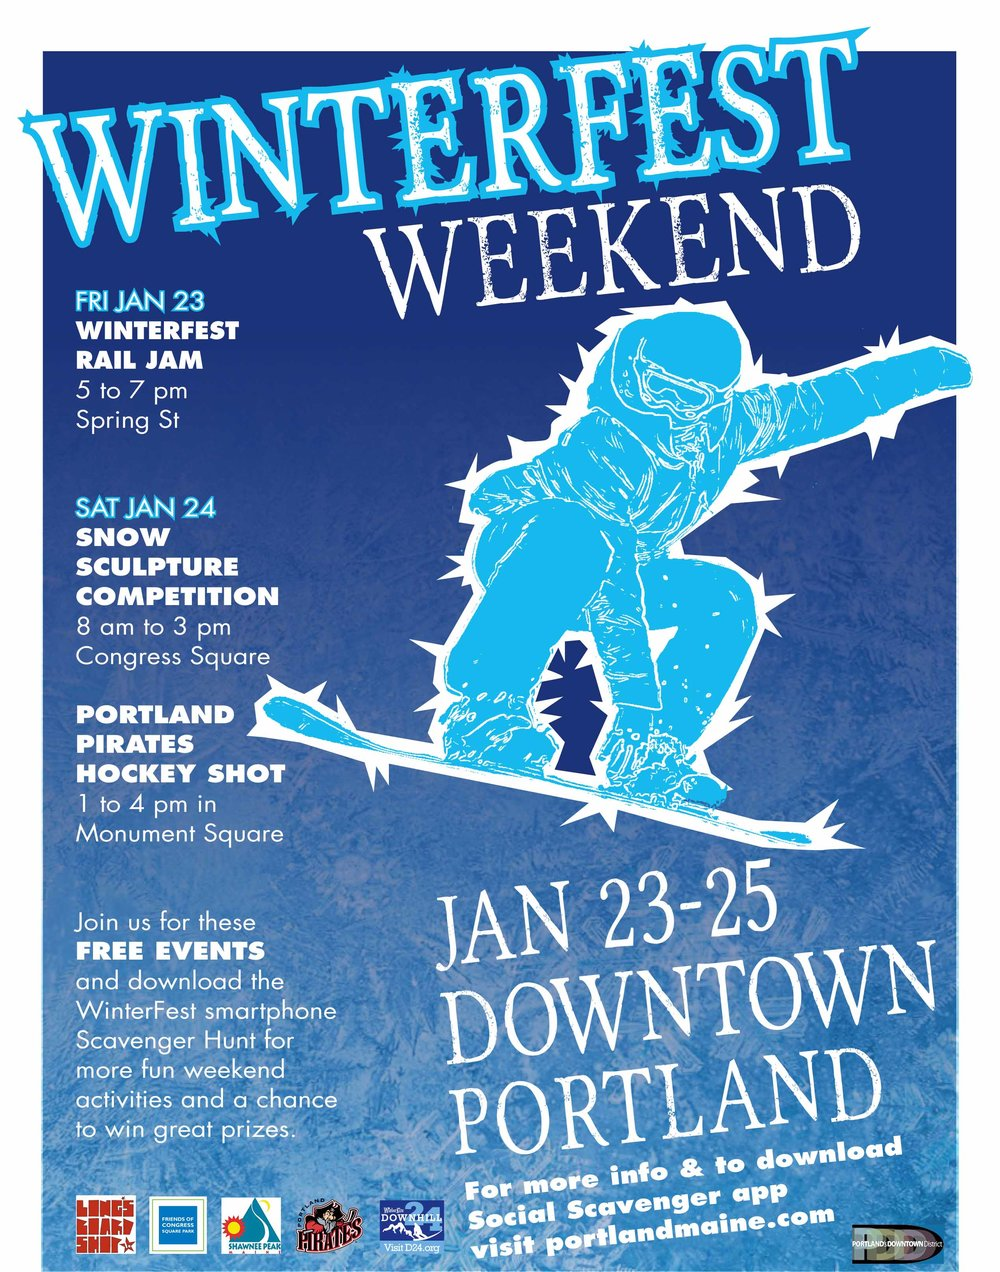 Winterfest2014flyer.jpg